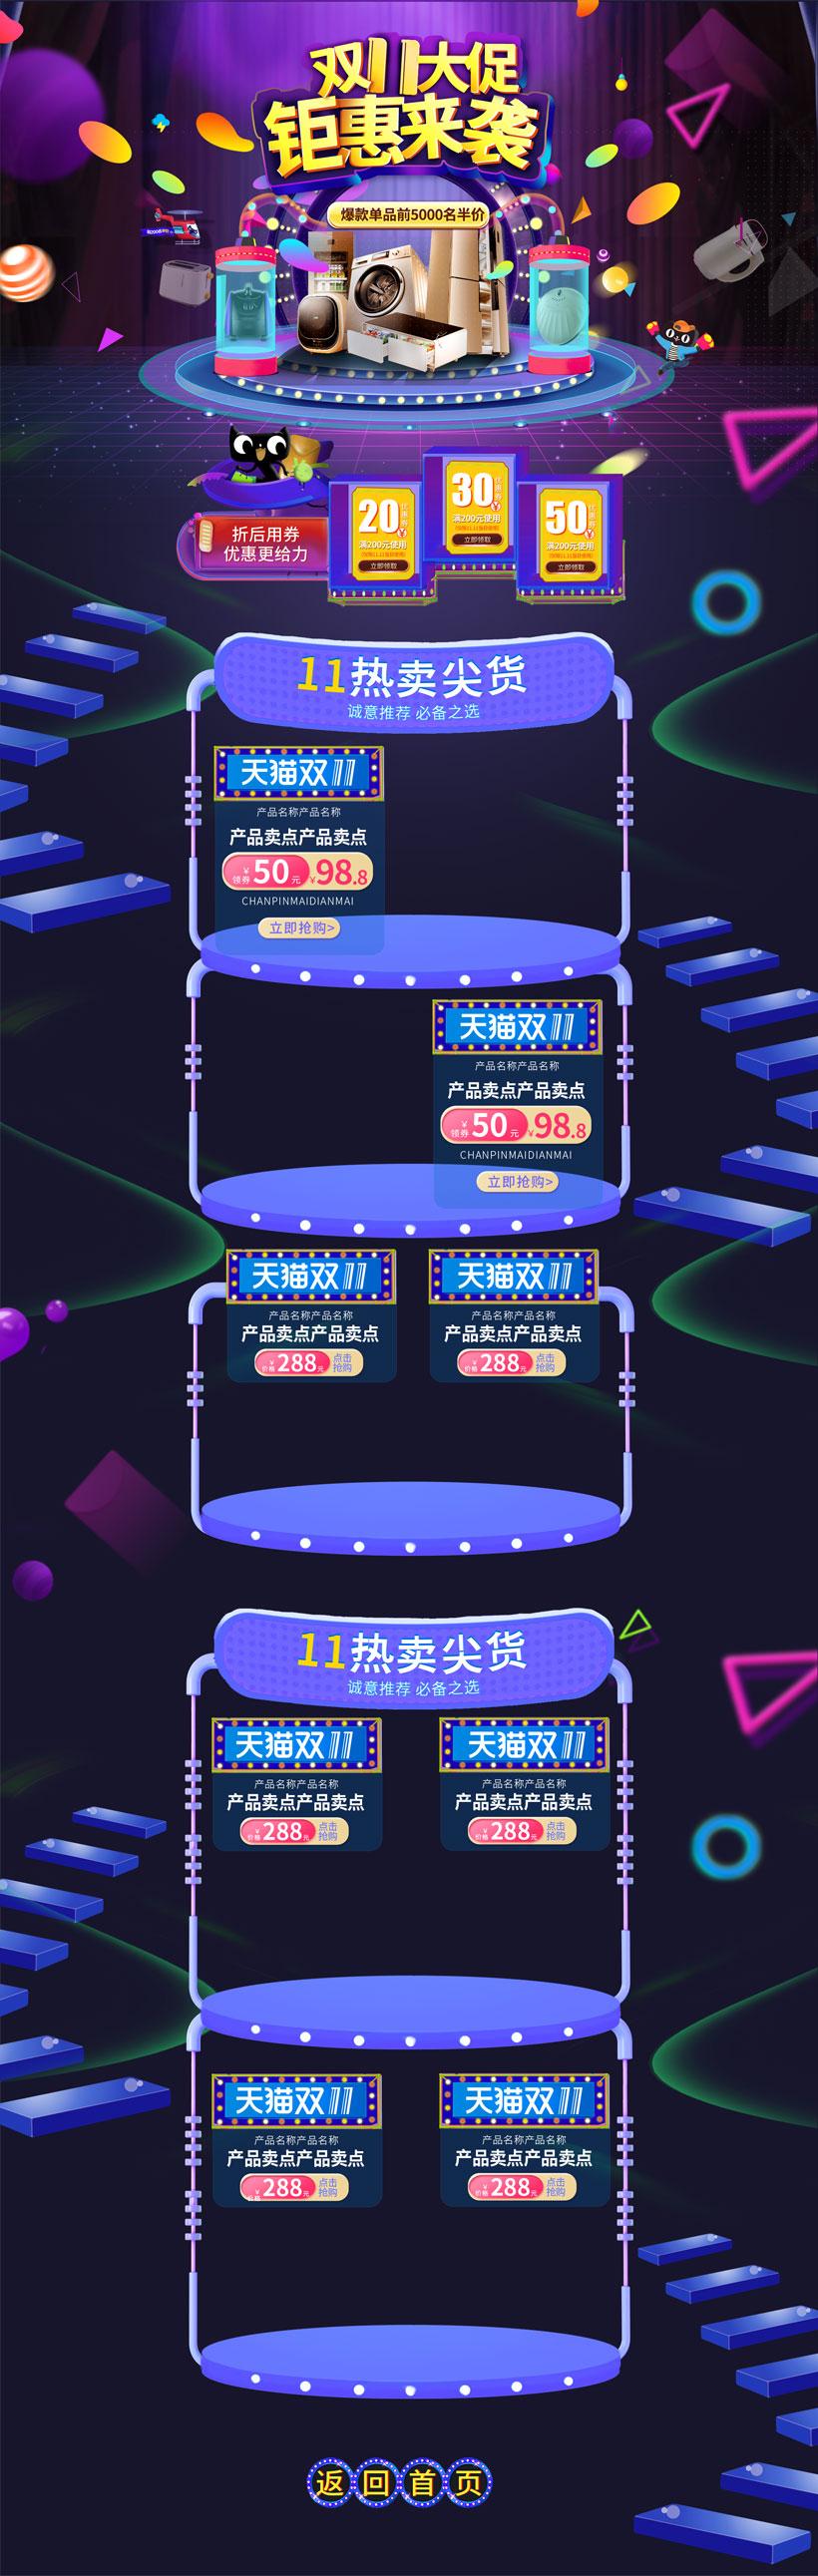 淘宝双11大促销页面设计PSD素材